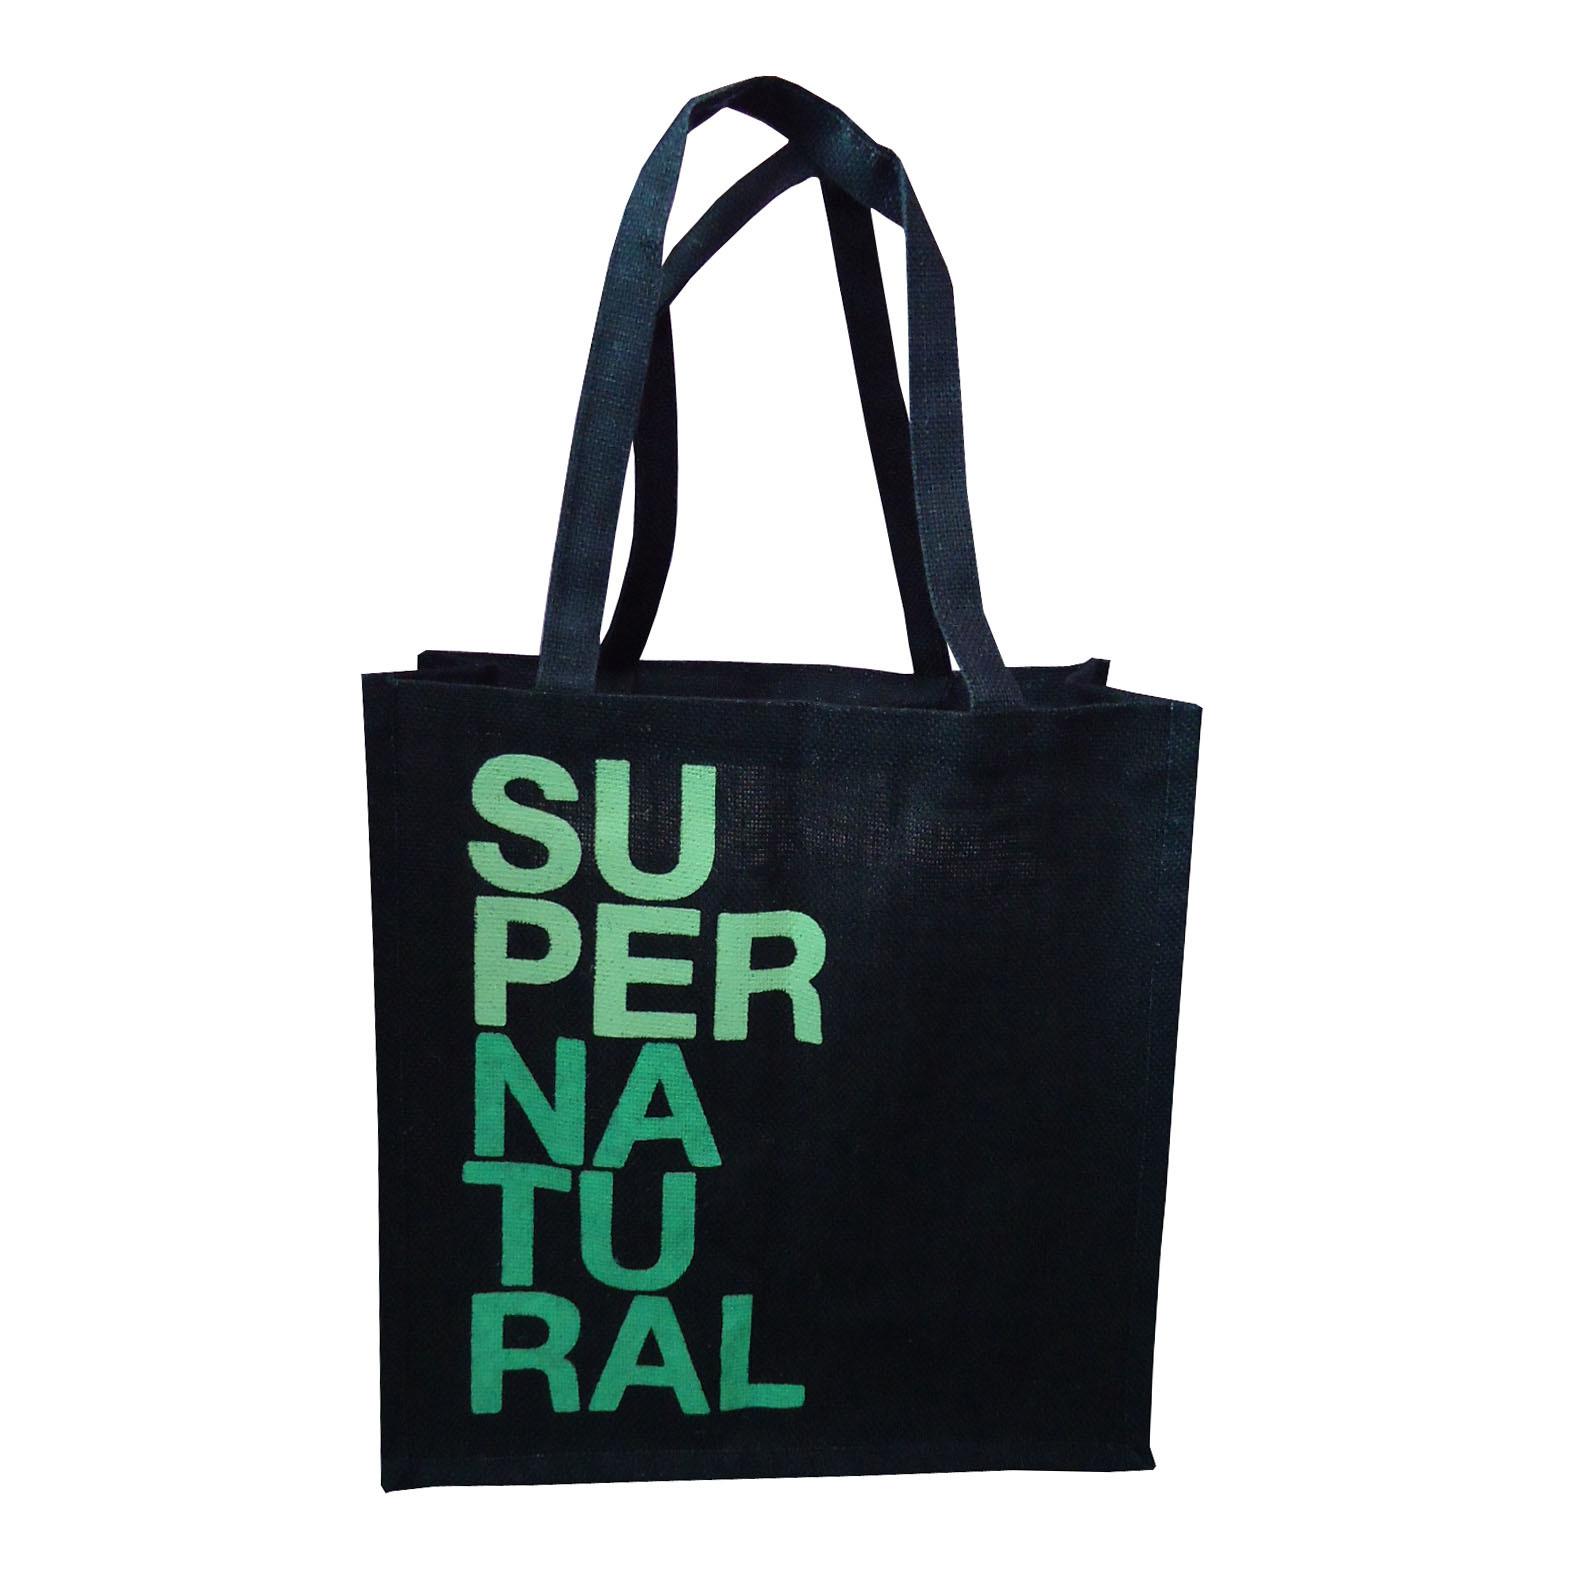 PP Laminated Jute Bag With Jute Self Handle